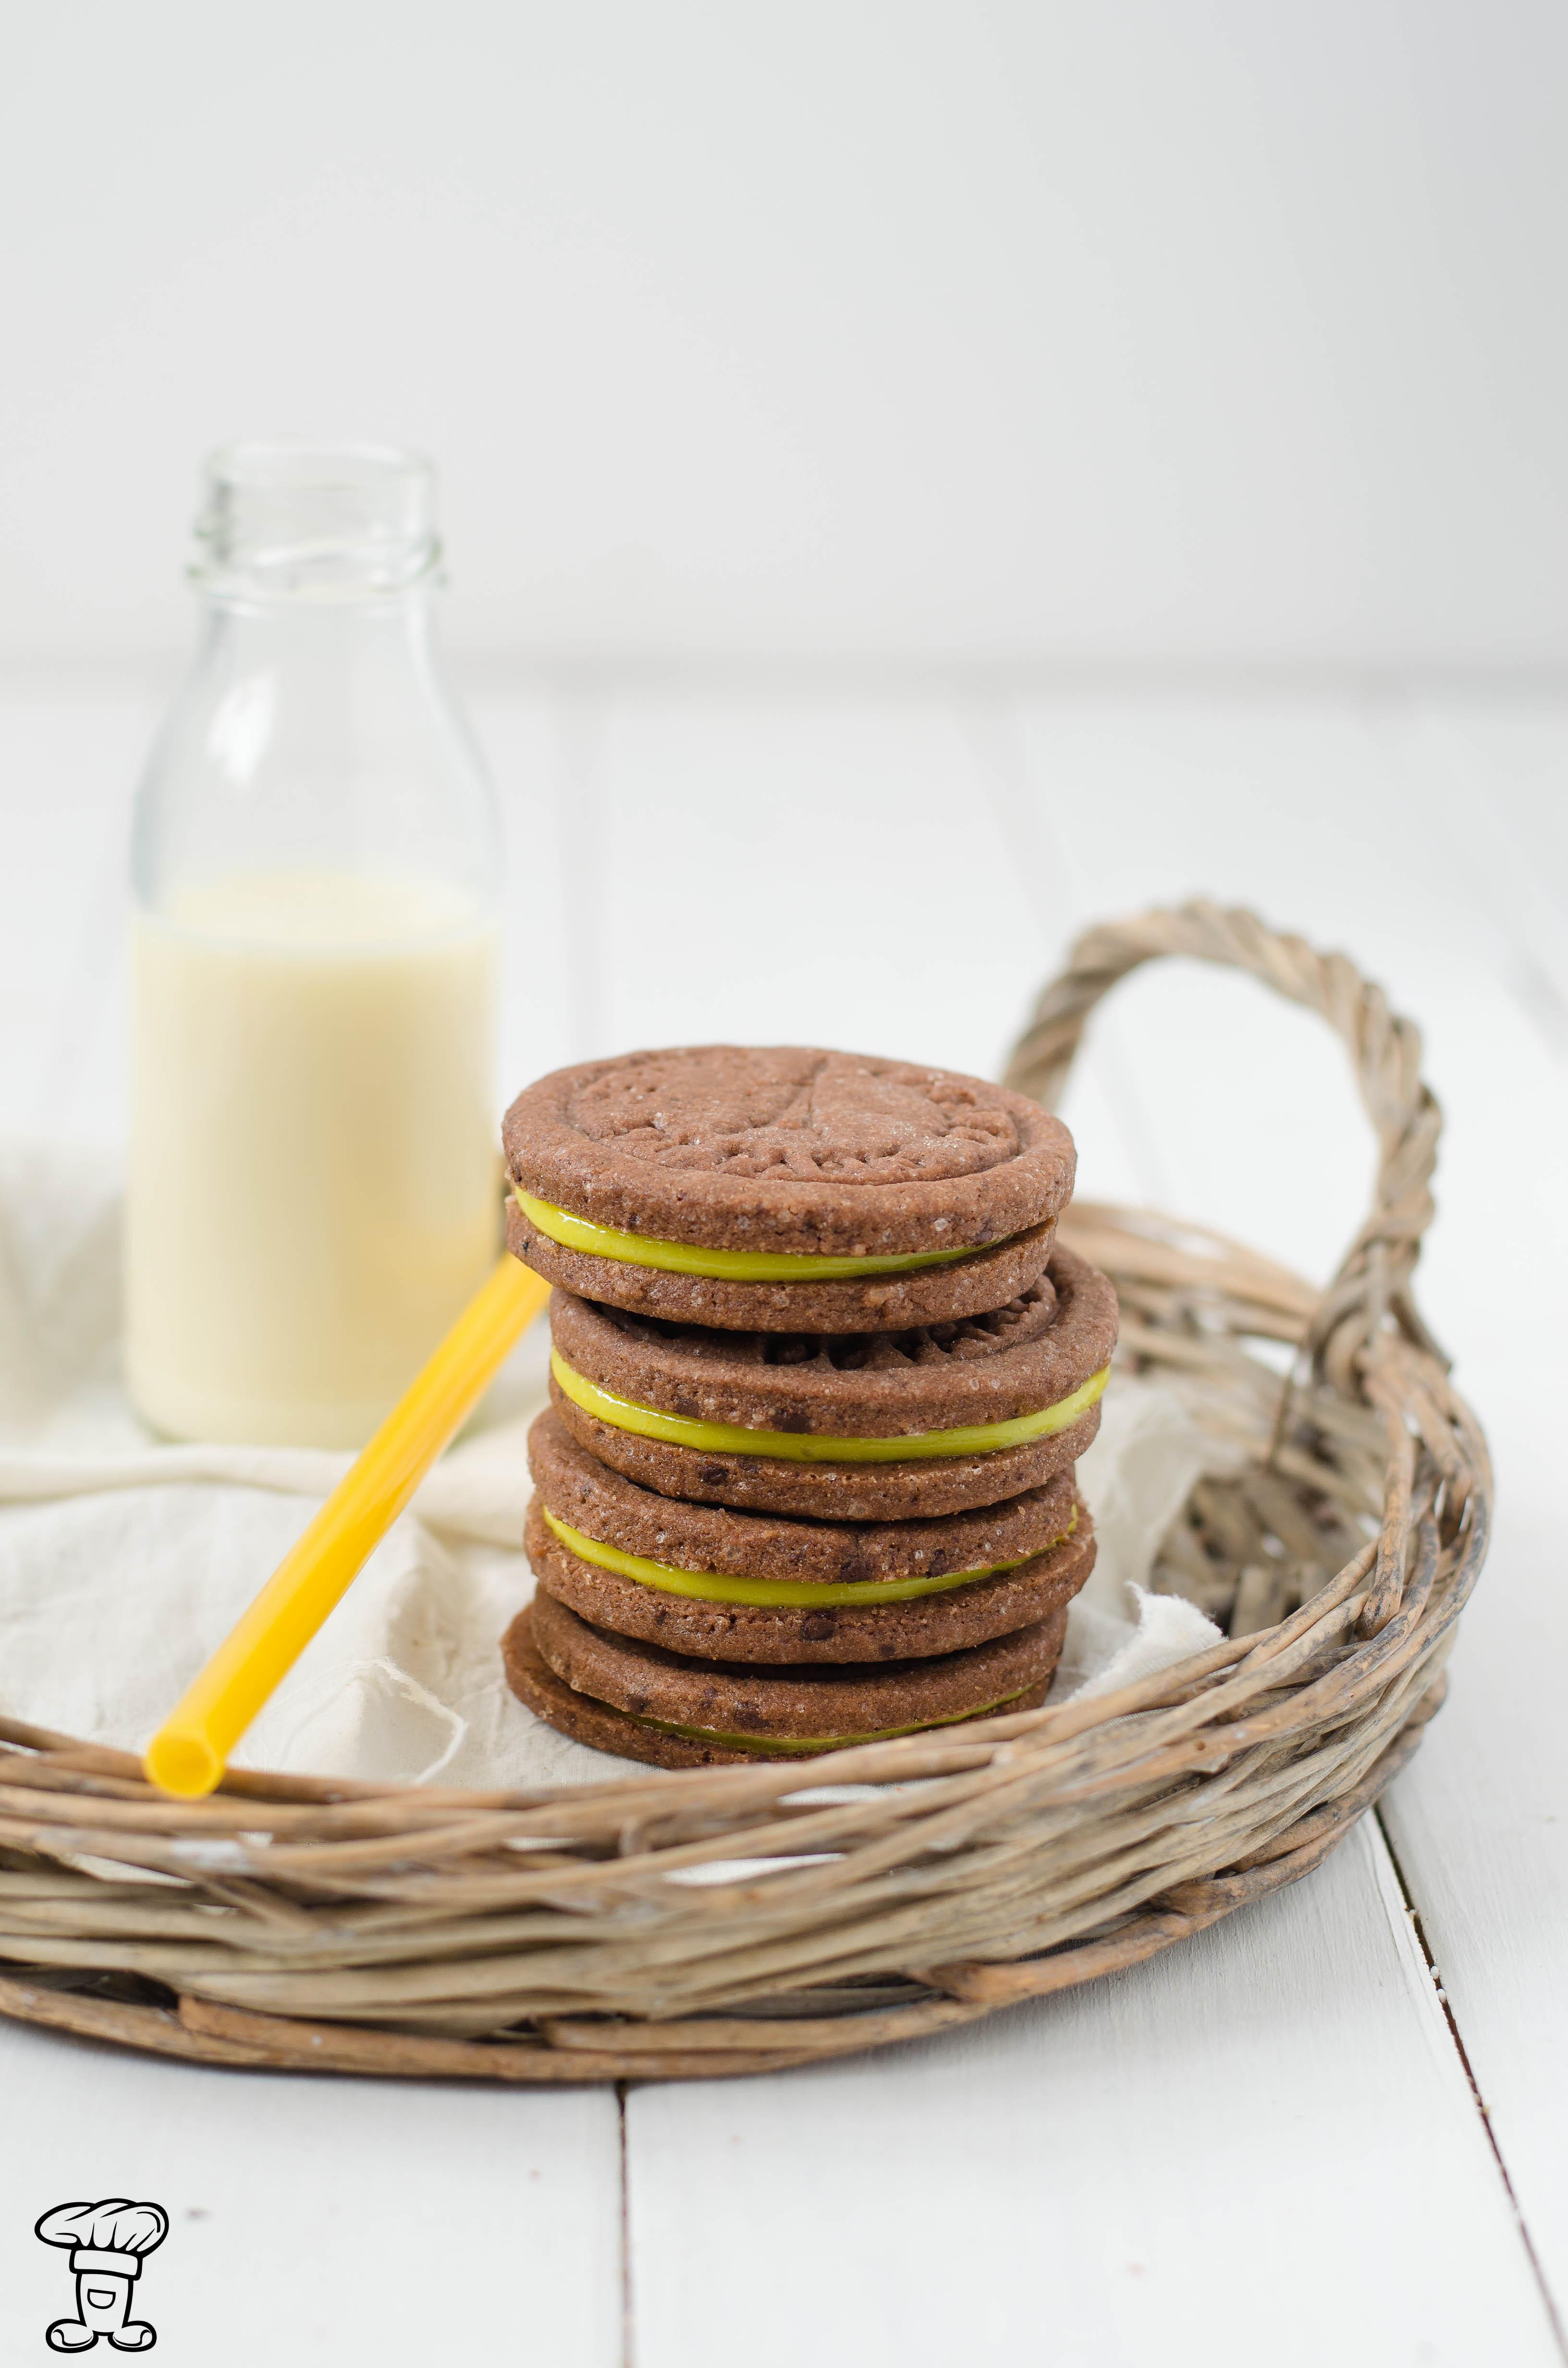 Biscotti-cacao-pepe-lemon-curcuma3 Biscotti al cacao e pepe ripieni di lemon curd alla curcuma